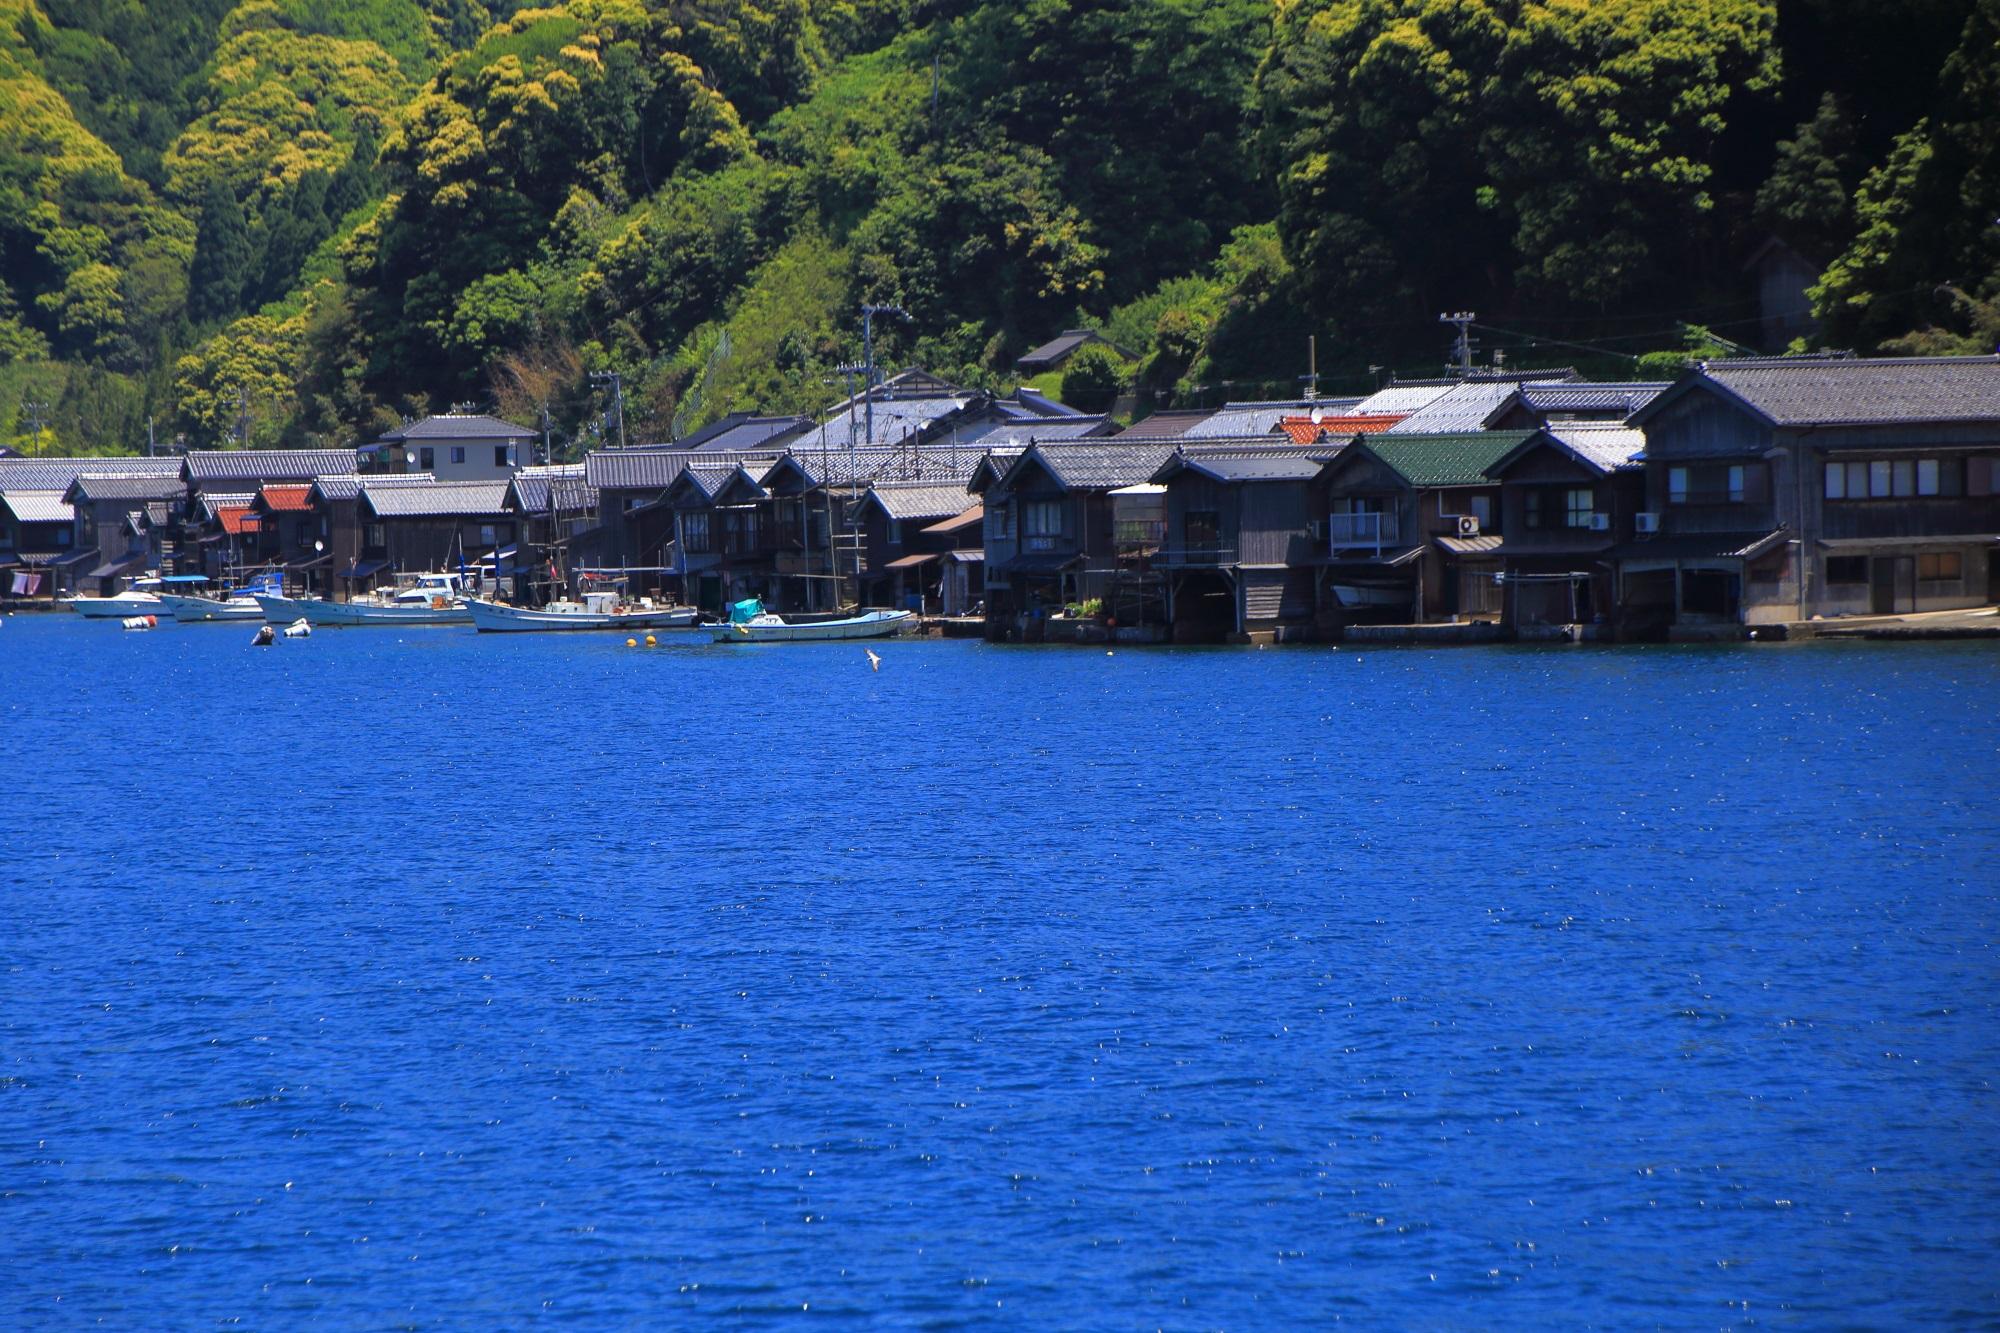 伊根の建ち並ぶ舟屋群と青い海